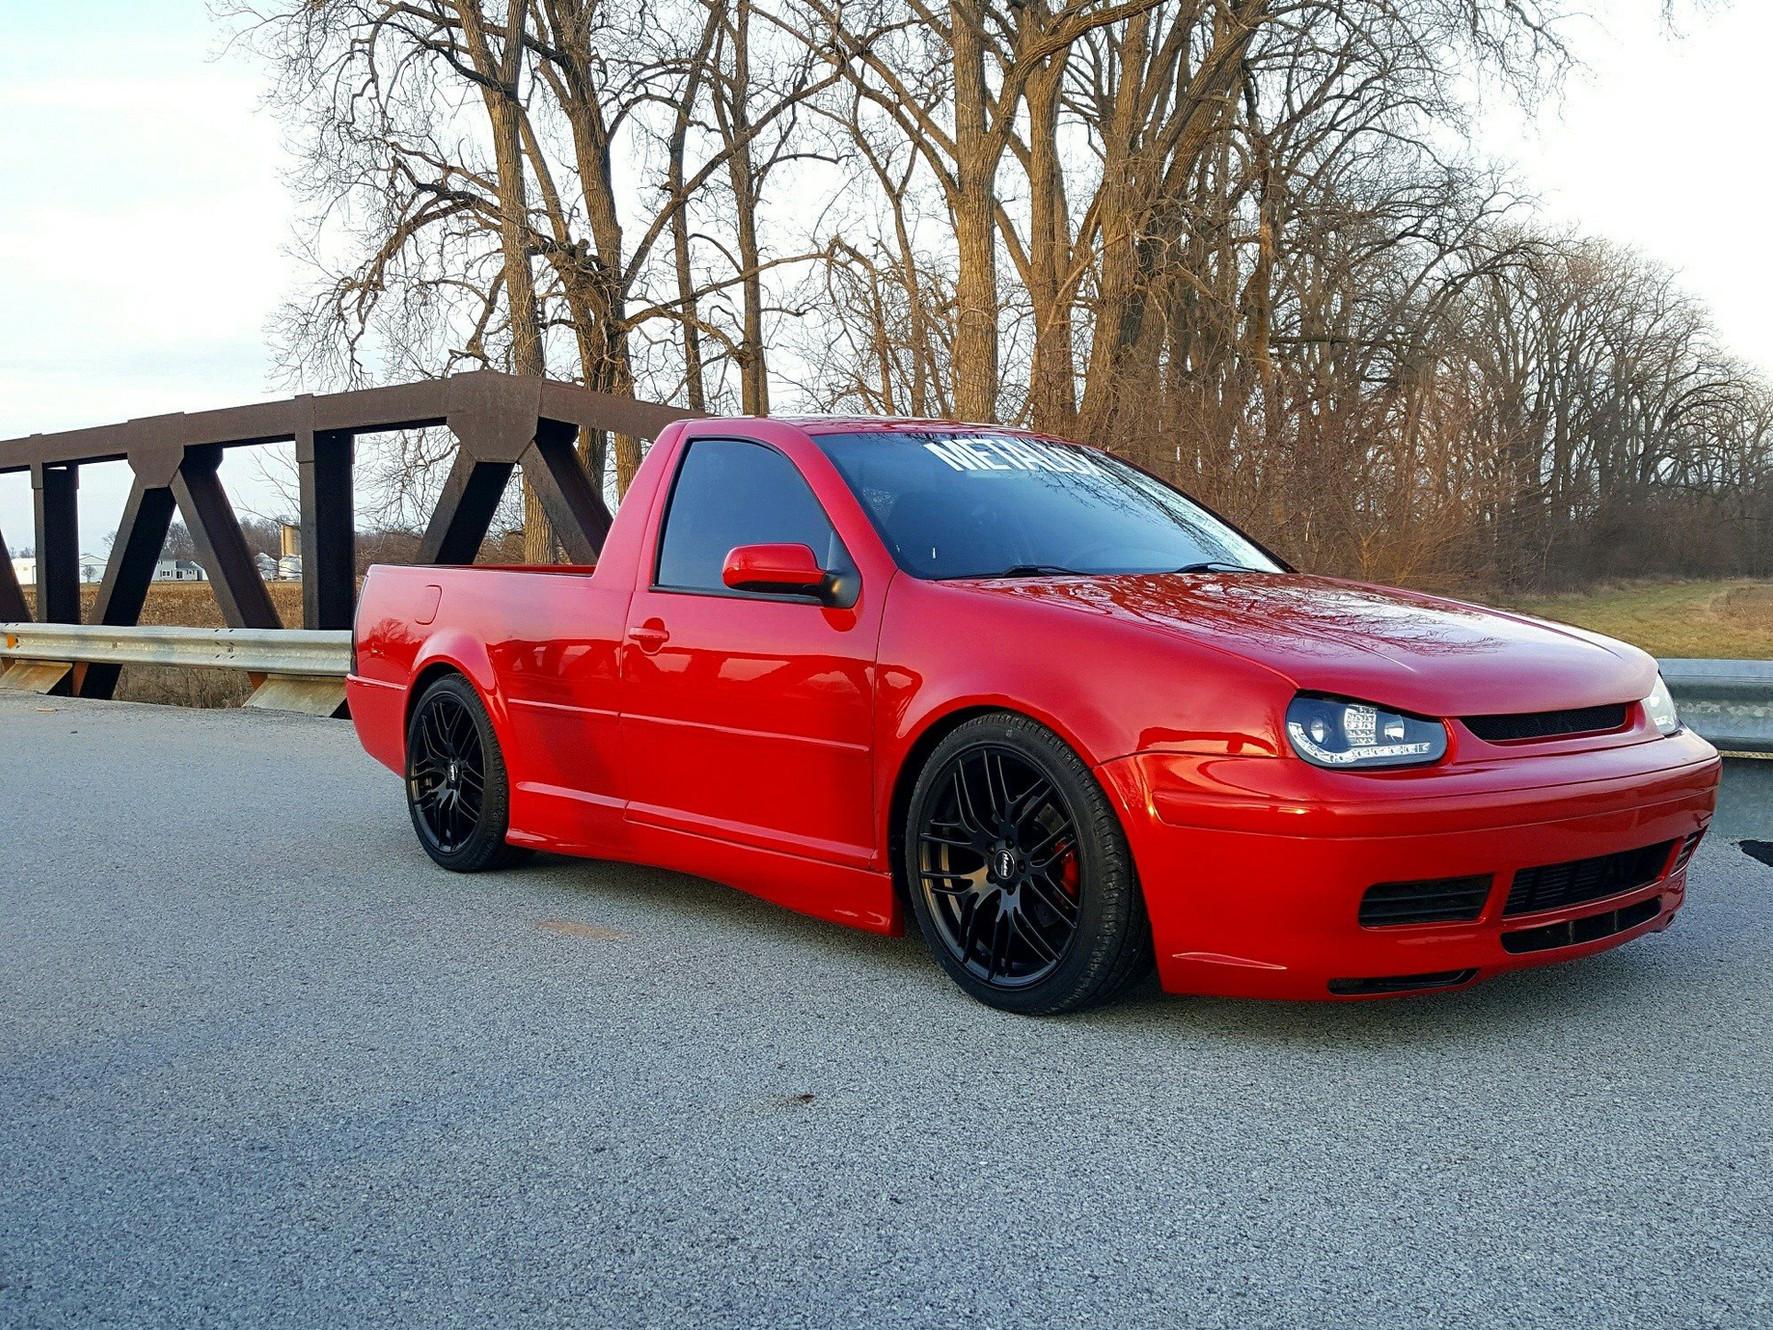 www.smythkitcars.com